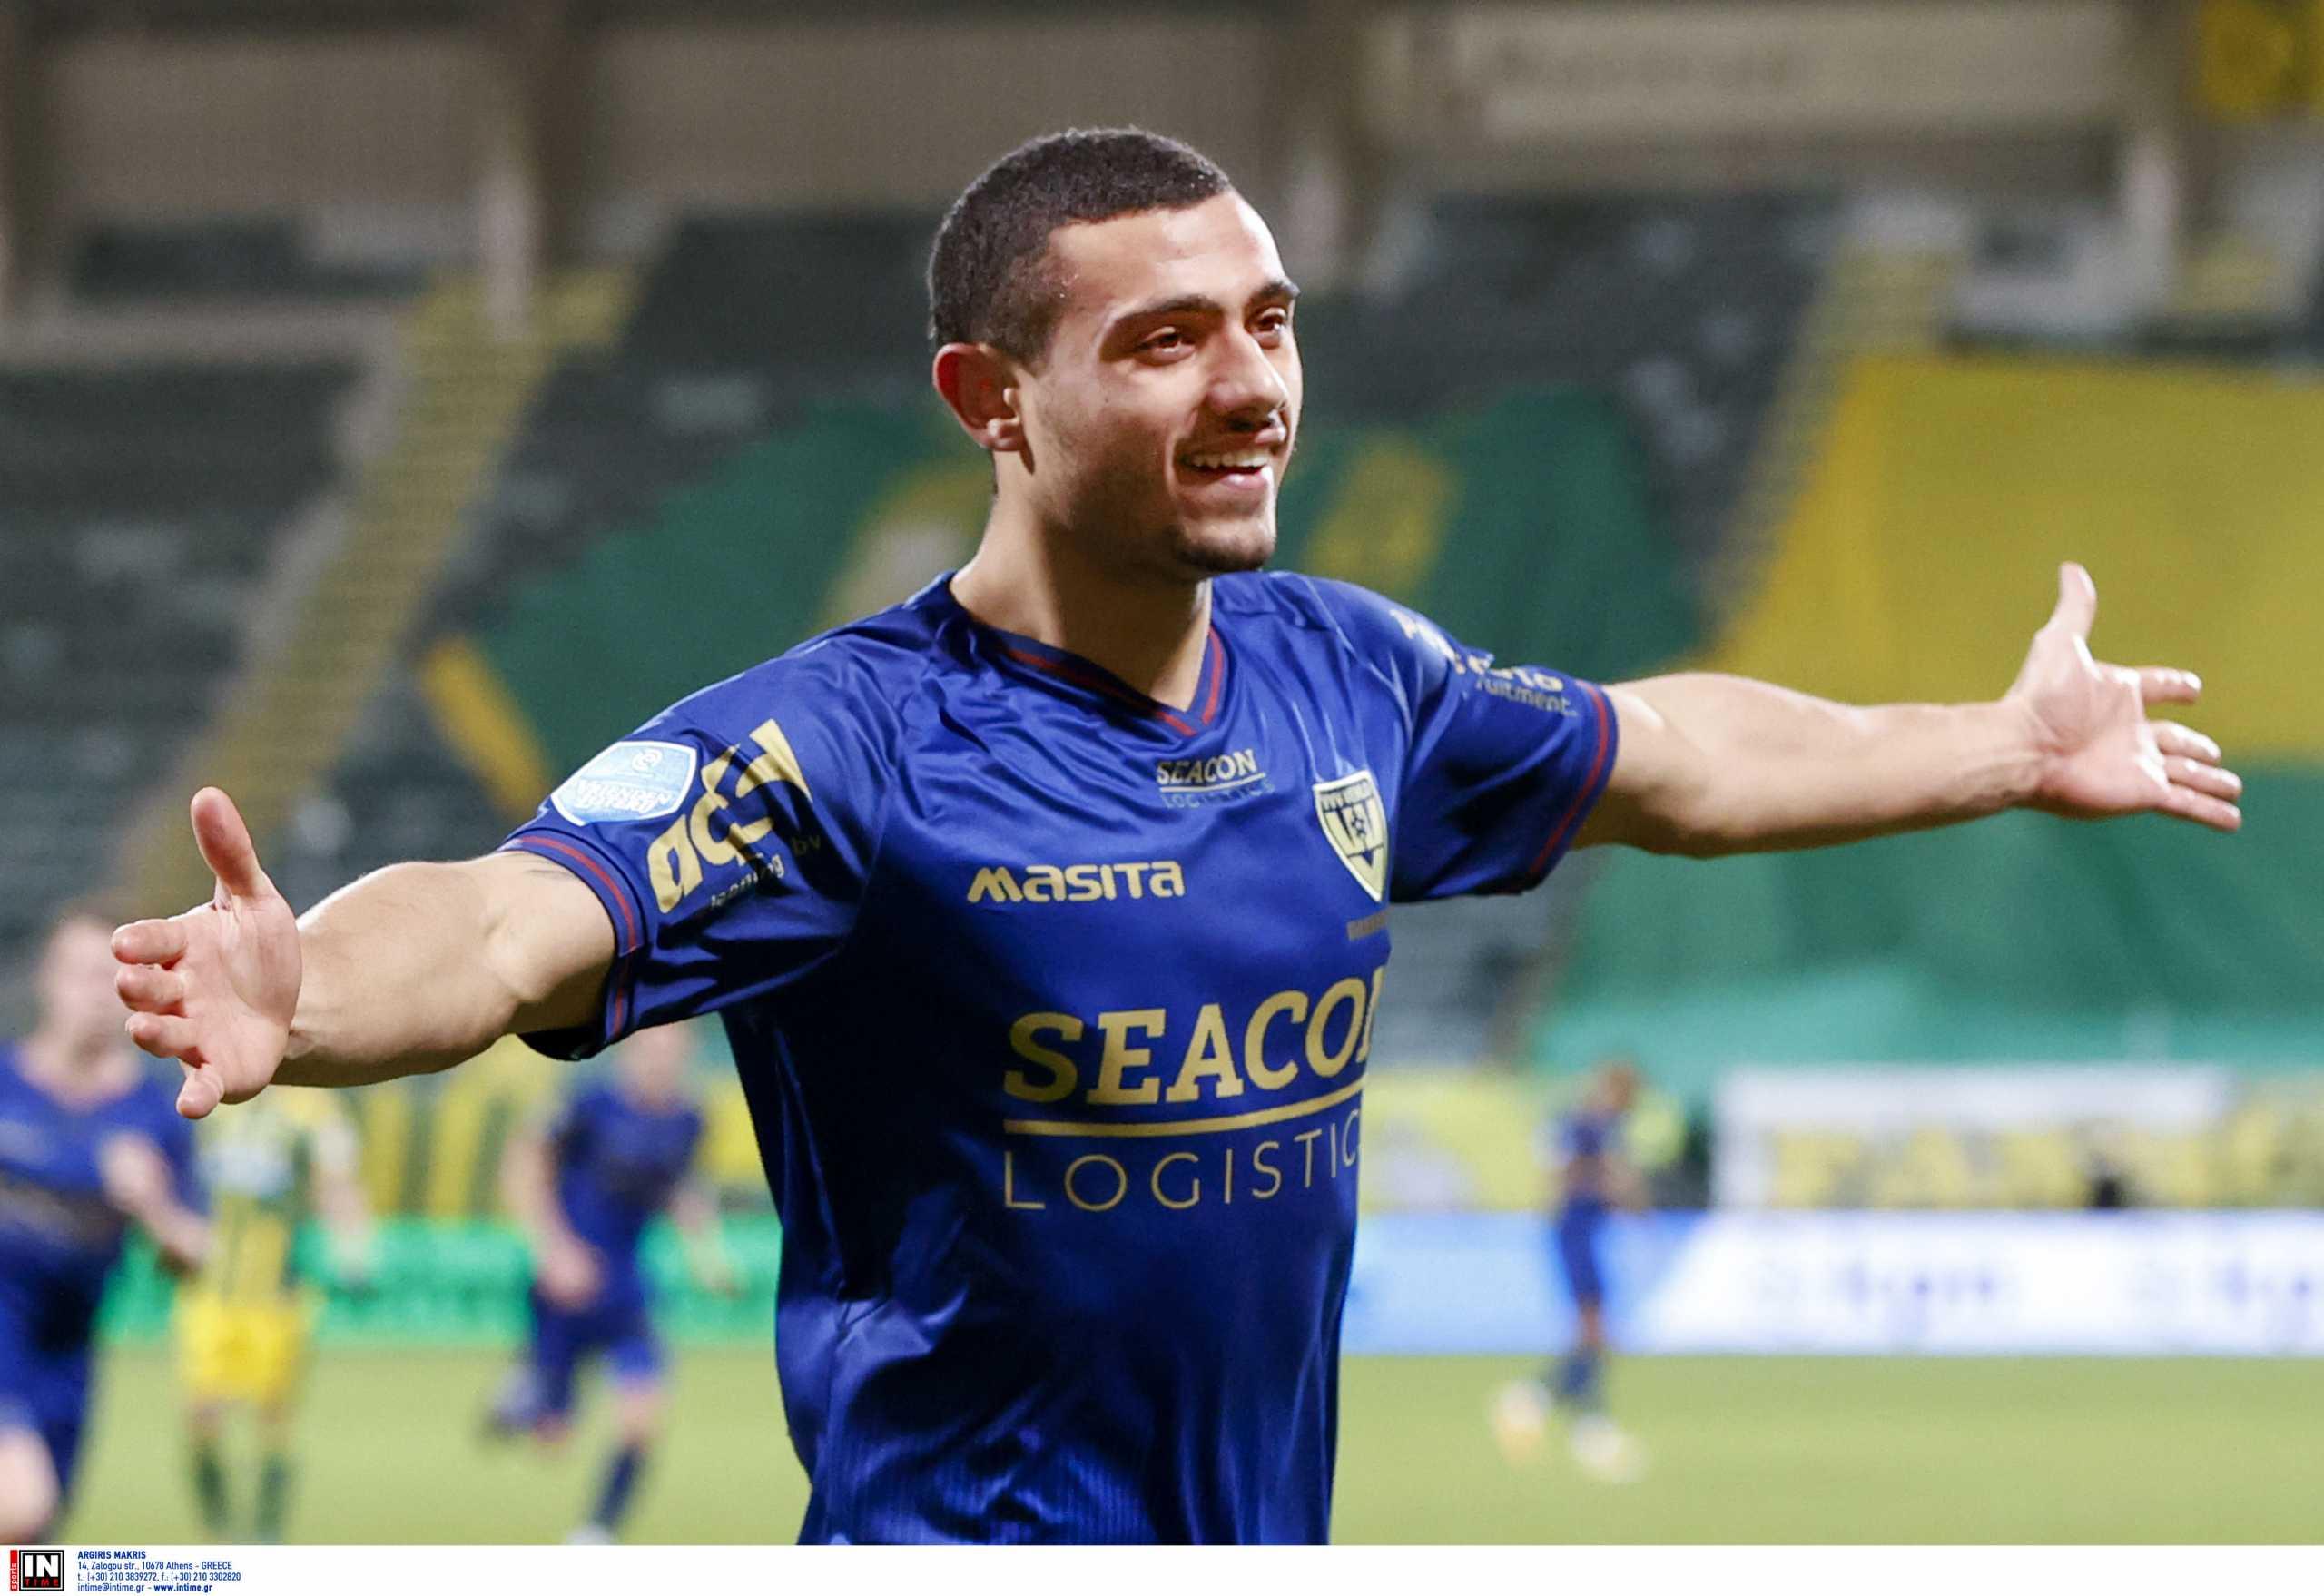 Γιακουμάκης: «Πέρασα δύσκολα στο ελληνικό ποδόσφαιρο και έγινα εγωιστής»